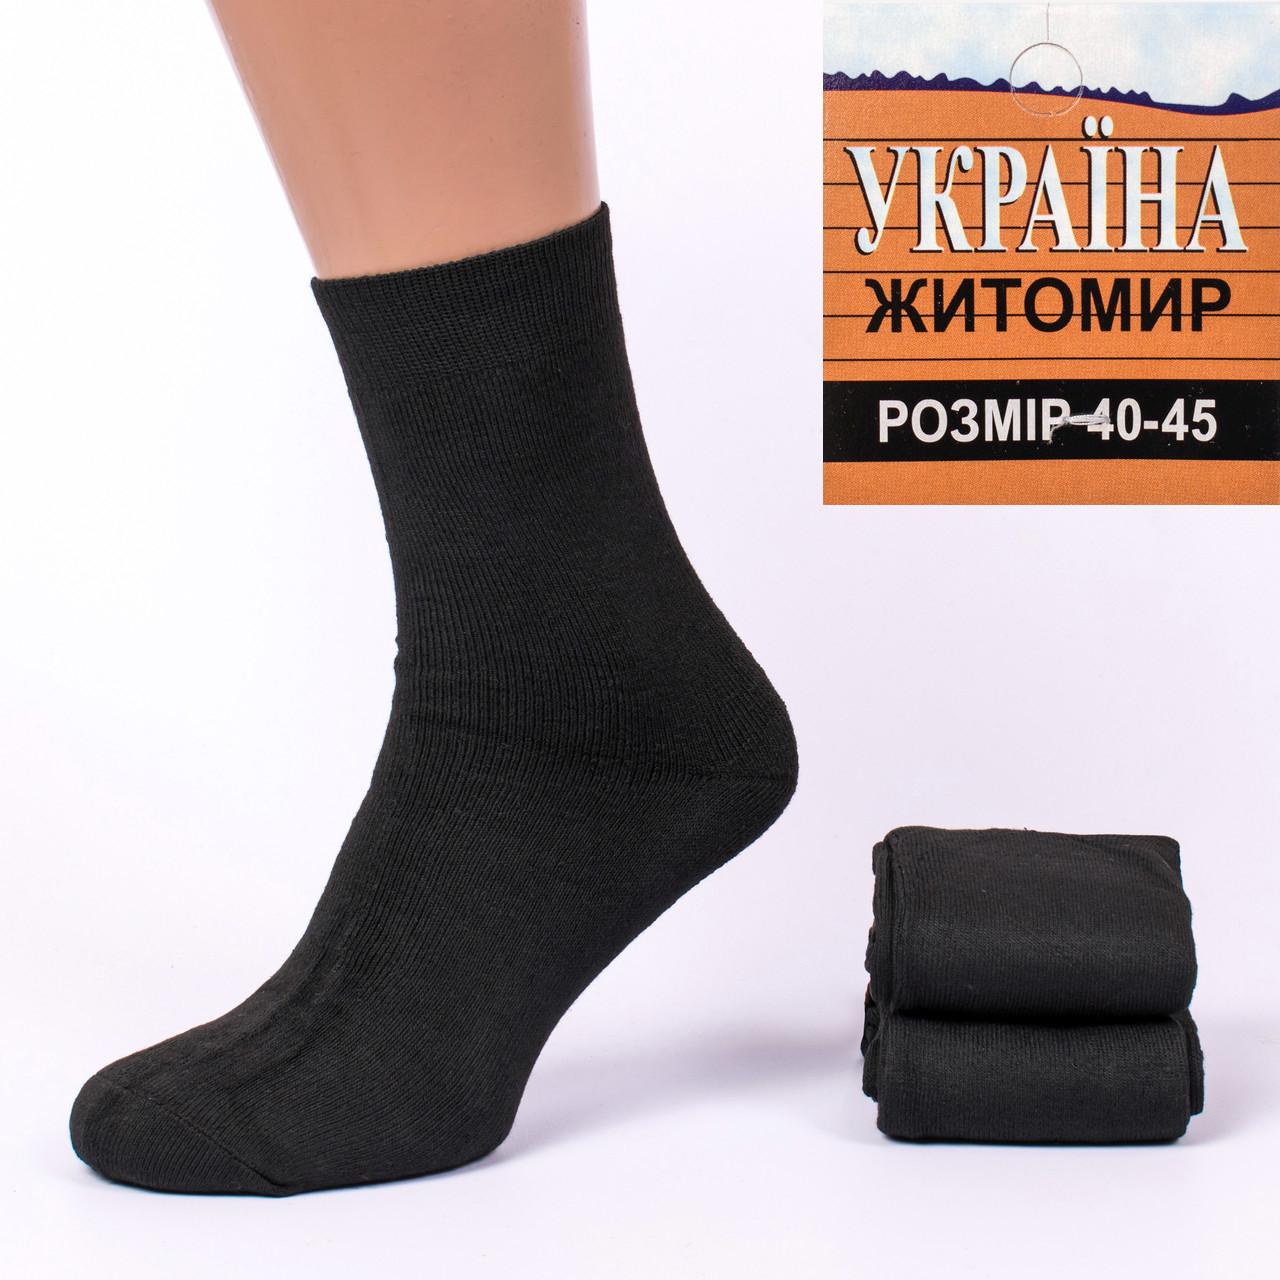 Мужские махровые носки Украина Житомир М09. В упаковке 12 пар.